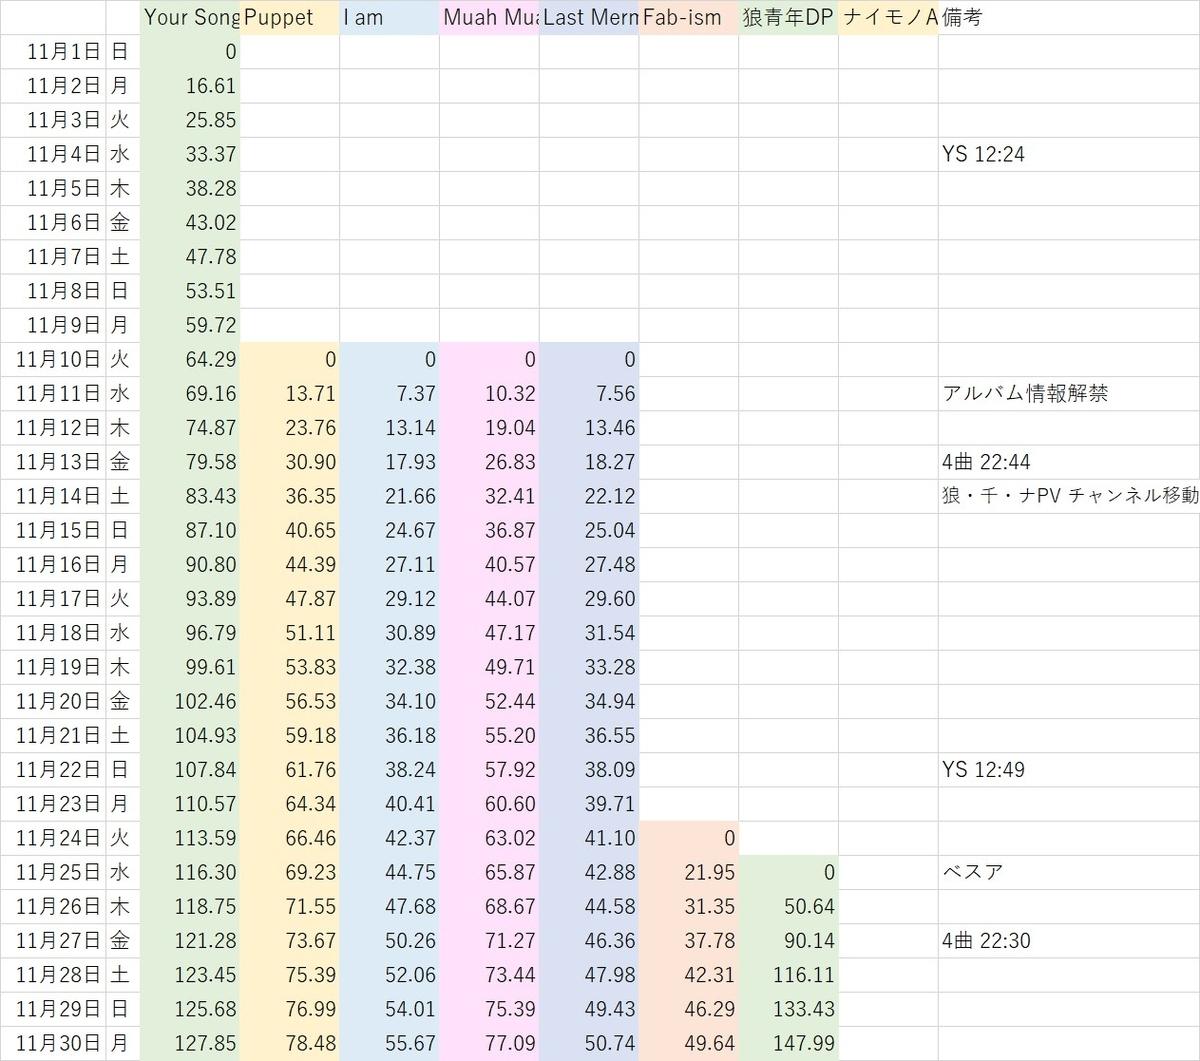 f:id:yua_622:20210217005239j:plain